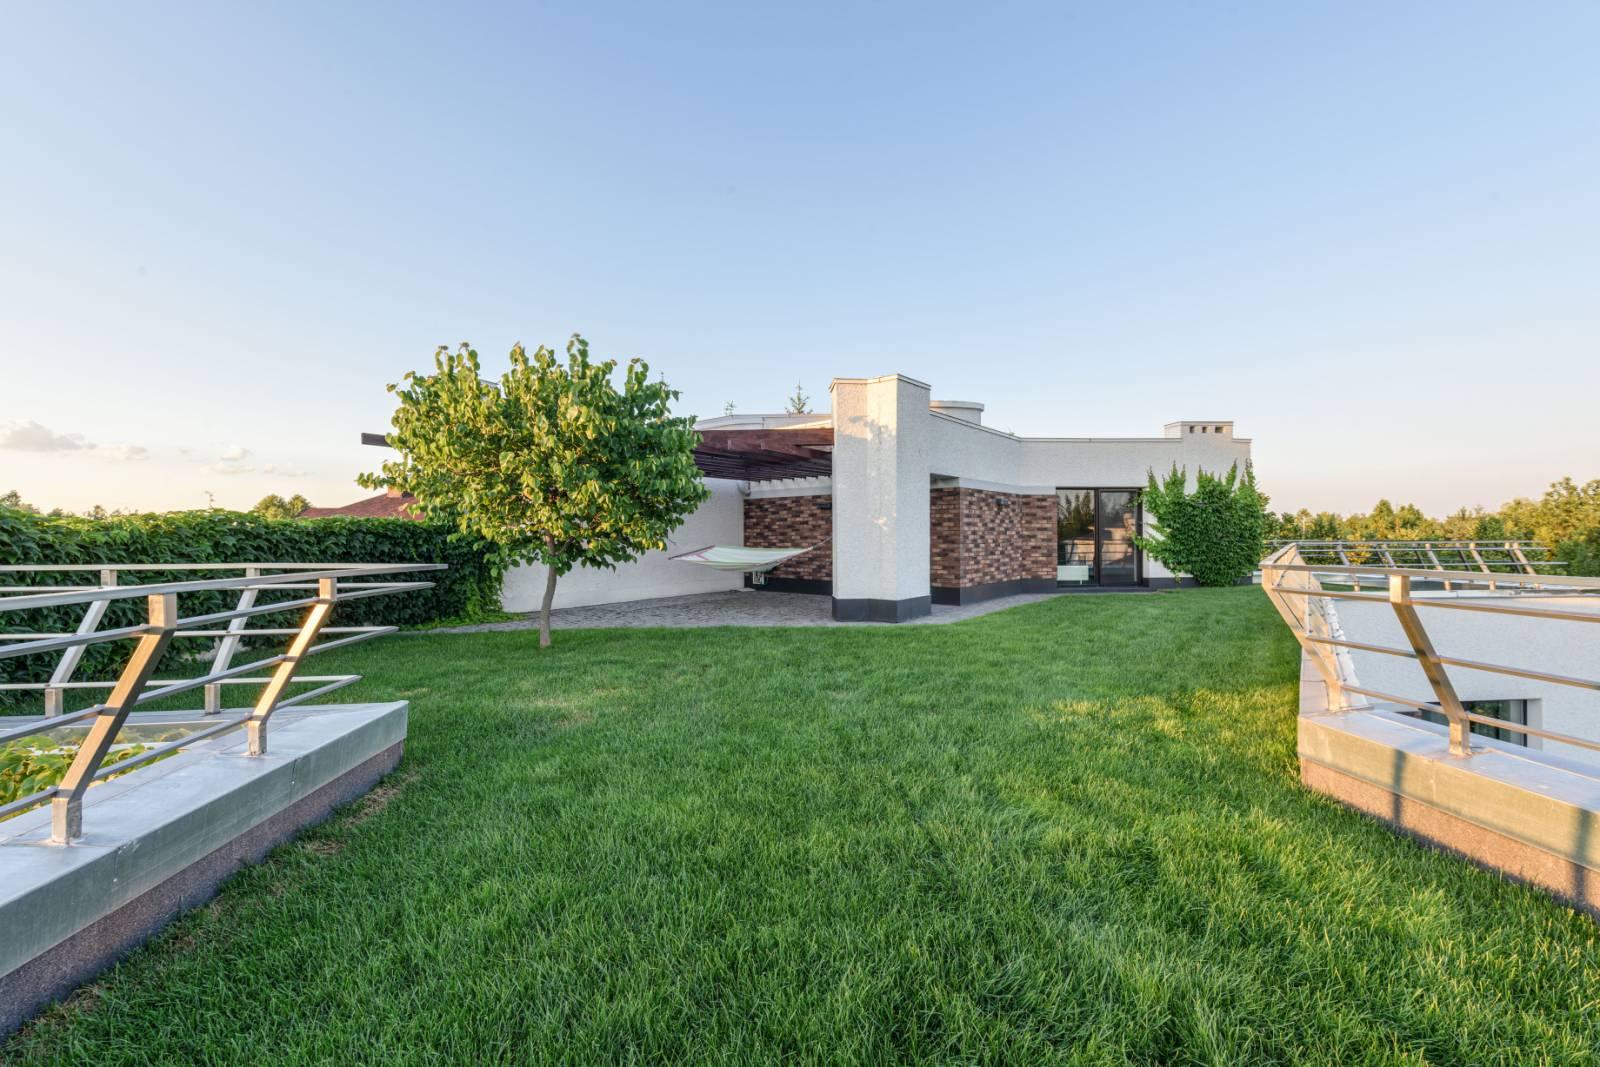 Проект дома с плоской кровлей, панорамными окнами и террасами - проект Эбро